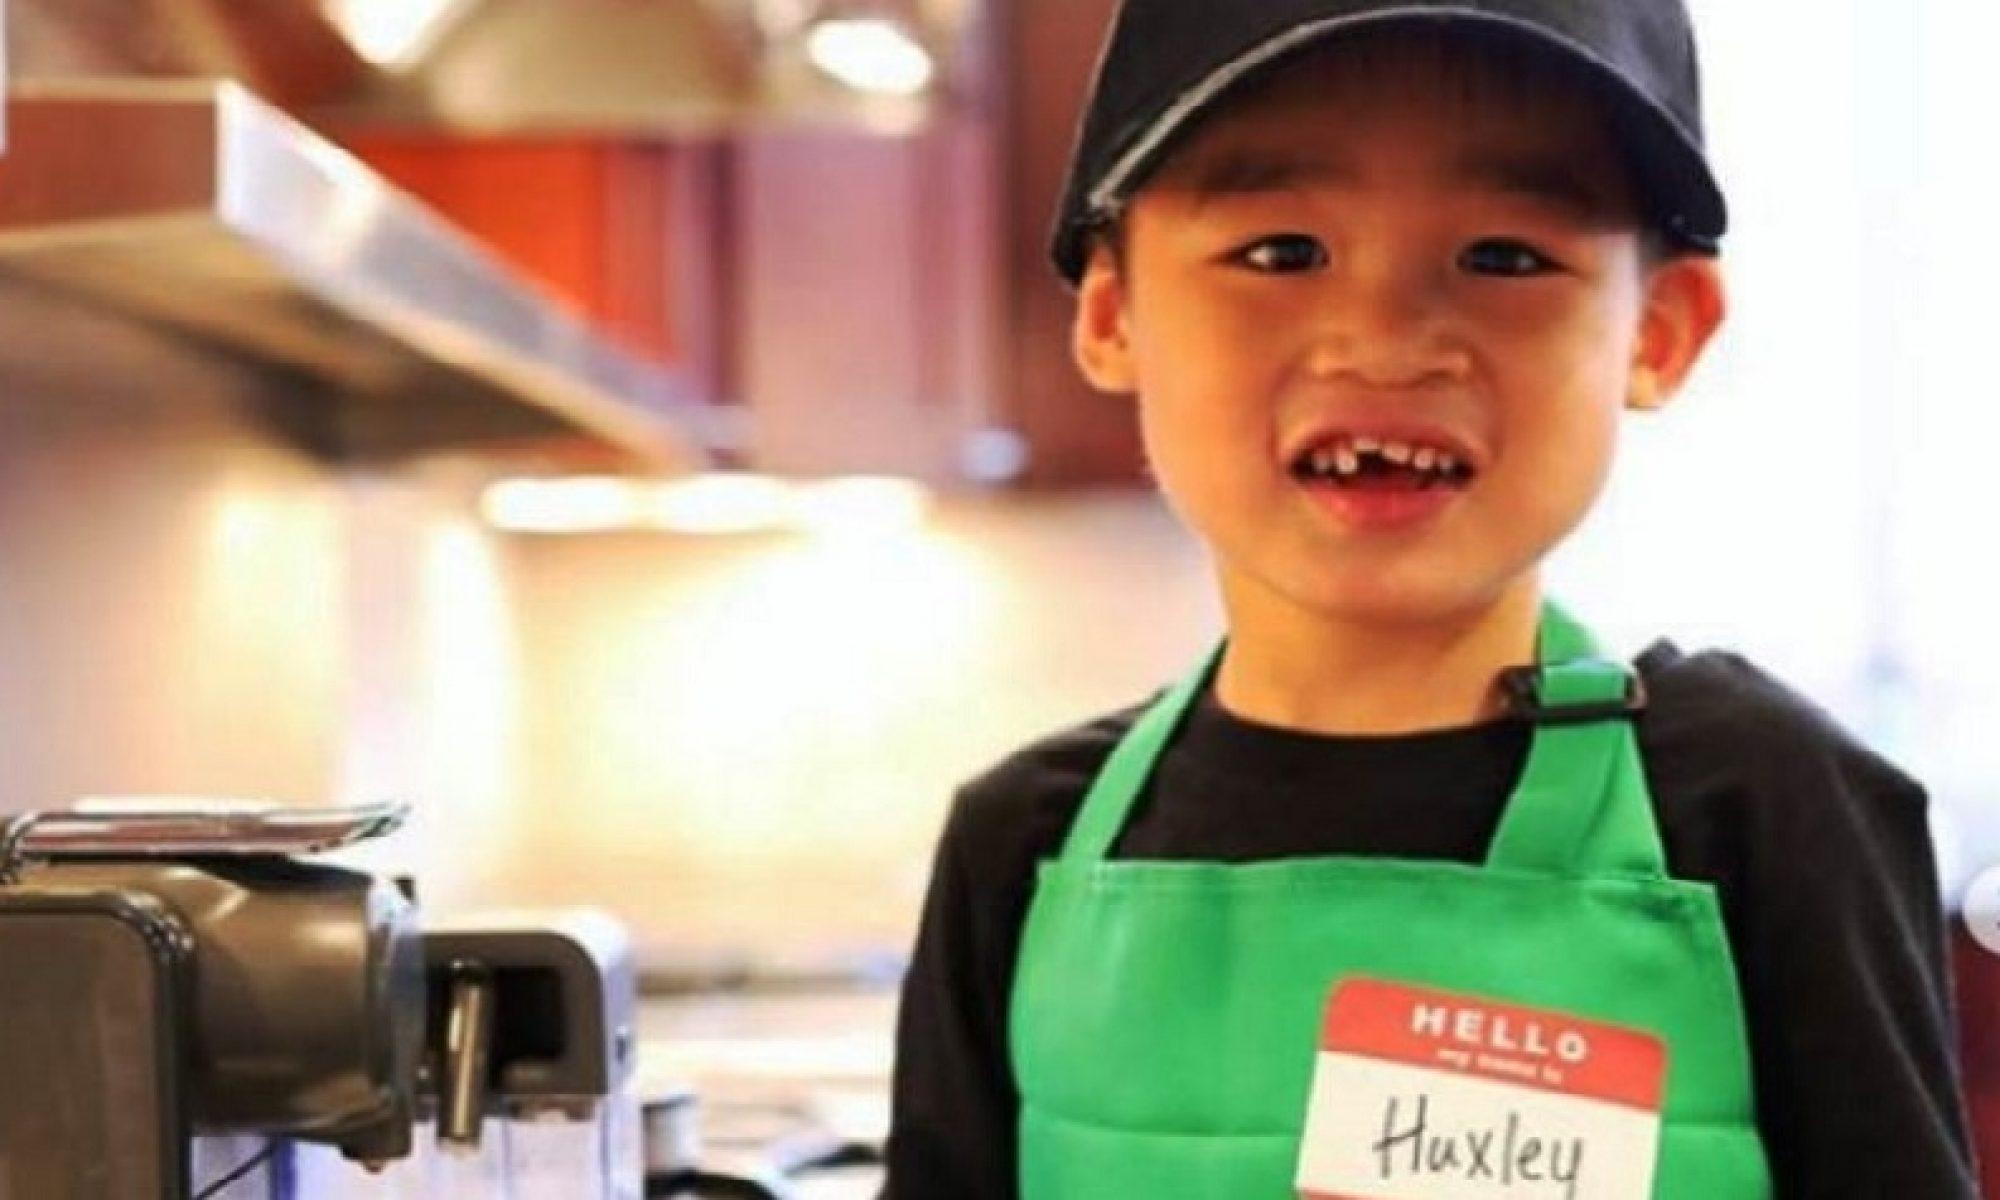 """Youtuber çift evlat edindiği 4 yaşındaki otizmli çocuğu terk etti, takipçiler tepki gösterdi, imza kampanyası başlattı Amerikalı youtuberler Myka ve James Stauffer 3 yıl önce Çin'den evlatlık edindikleri 4 yaşındaki otizmli Huxley'yi ilgilenemedikleri için başka bir aileye verdiklerini açıkladı. Kanalın birçok takipçisi, çiftin çocuğu evlatlık edinerek YouTube'da popülarite kazandığını, ve bu yolla sponsorluk anlaşmaları yaptıklarını ileri sürerek tepki gösterdi. Stauffer ailesi, 26 Mayıs'ta yayınladığı """"ailemiz hakkında güncelleme"""" adlı videosunda Huxley'nin sağlığı için kalıcı olarak başka bir aileye vermek zorunda kaldıklarını anlattı. Anne Myka, farklı sağlık uzmanlarının değerlendirmelerinden sonra çocuğun özel desteğe ihtiyacı olduğunu, kendilerinin ise buna imkanı olmadığını ifade etti. Ayrıca Stauffer ailesi, evlat edindirme ajansının kendilerine çocuğun sağlığı konusunda tüm bilgilileri paylaşmadığını, doktorların, çocuğun """"tıbbi ihtiyaçlarında farklı düzenlemeye"""" ihtiyaç duyduğunu söylediğini ileri sürdü. Videodan sonra, bazıları çifte destek verirken, bazıları da """"Huxley'nin sırtından para ve bilinirlik kazandıktan sonra çocuğu terk ettiklerini"""" iddia etti. Bugün 713 binden fazla takipçisi olan Myka, 2016 yayınladığı bir videoda eşi James ile Çin'den bir çocuk evlatlık edineceklerini duyurmuş, sponsorlu videolardan elde ettikleri gelirlerin evlatlık edinme masrafları için kullanılacağını söylemişti. Ayrıca takipçilerinden Huxley'nin ihtiyaçları için bağış toplamışlardı. Stauffer ailesinin, 2017'de iki yaşında olan Huxley'le buluşmak için Çin'e gidişlerini anlatan video, 5,5 milyondan fazla izlendi, Youtube kanalının abone sayısının artmasını sağlamıştı. YouTube kanalında Huxley'nin gelişimiyle ilgili birçok video paylaşmasıyla, takipçiler ailenin yeni çocuğuna alışmıştı. Ancak aboneler, çocuğun 2019 sonundan itibaren videolarda görünmediğini fark etti. Takipçilerden imza kampanyası Bu duruma tepki gösteren takipçiler, YouTube'dan Myka Stauffer kanalındaki"""